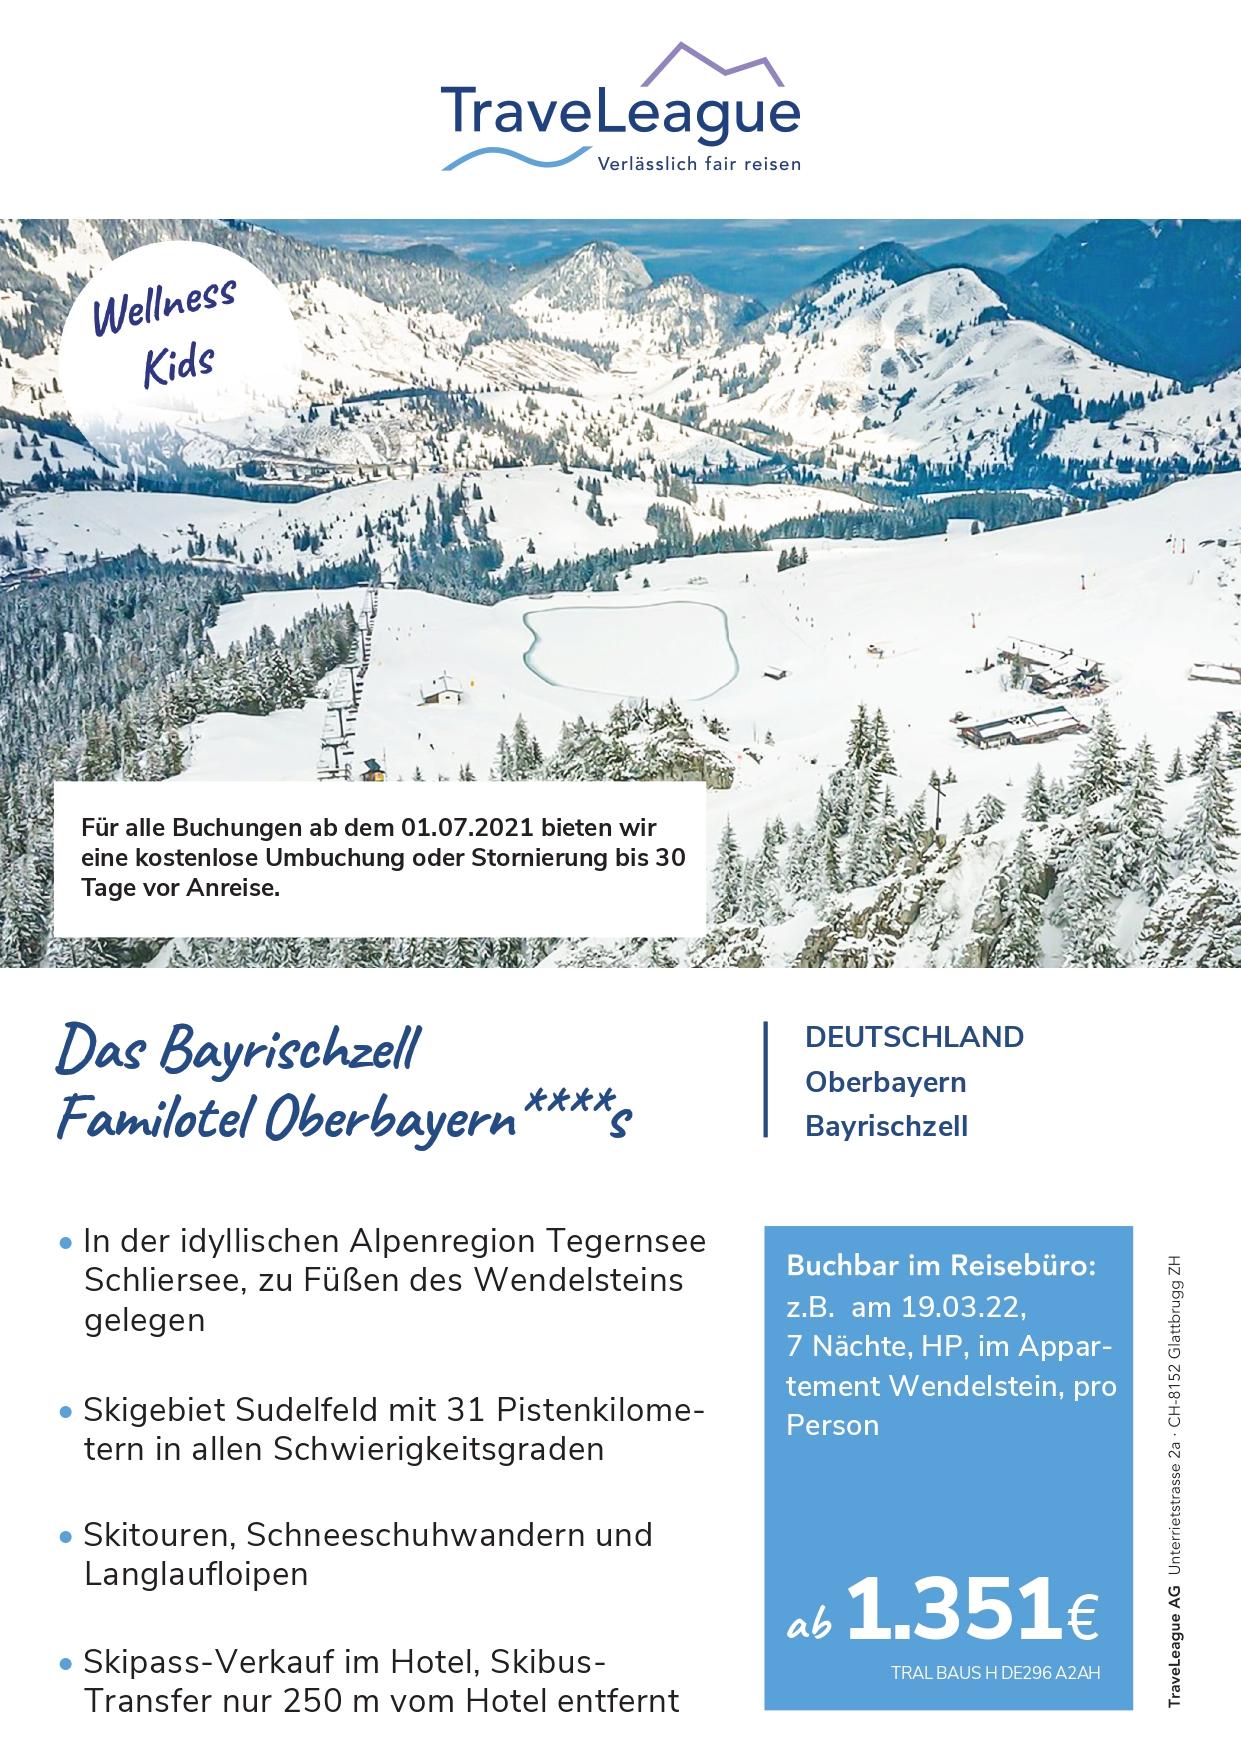 Ski Heil in Bayrischzell- Das vier Sterne Bayrischzell Familotel Oberbayern, am Fuße des Wendelsteins, in der idyllischen Bergregion von Tegernsee und Schliersee, lädt zur weißen Winterzeit ein.